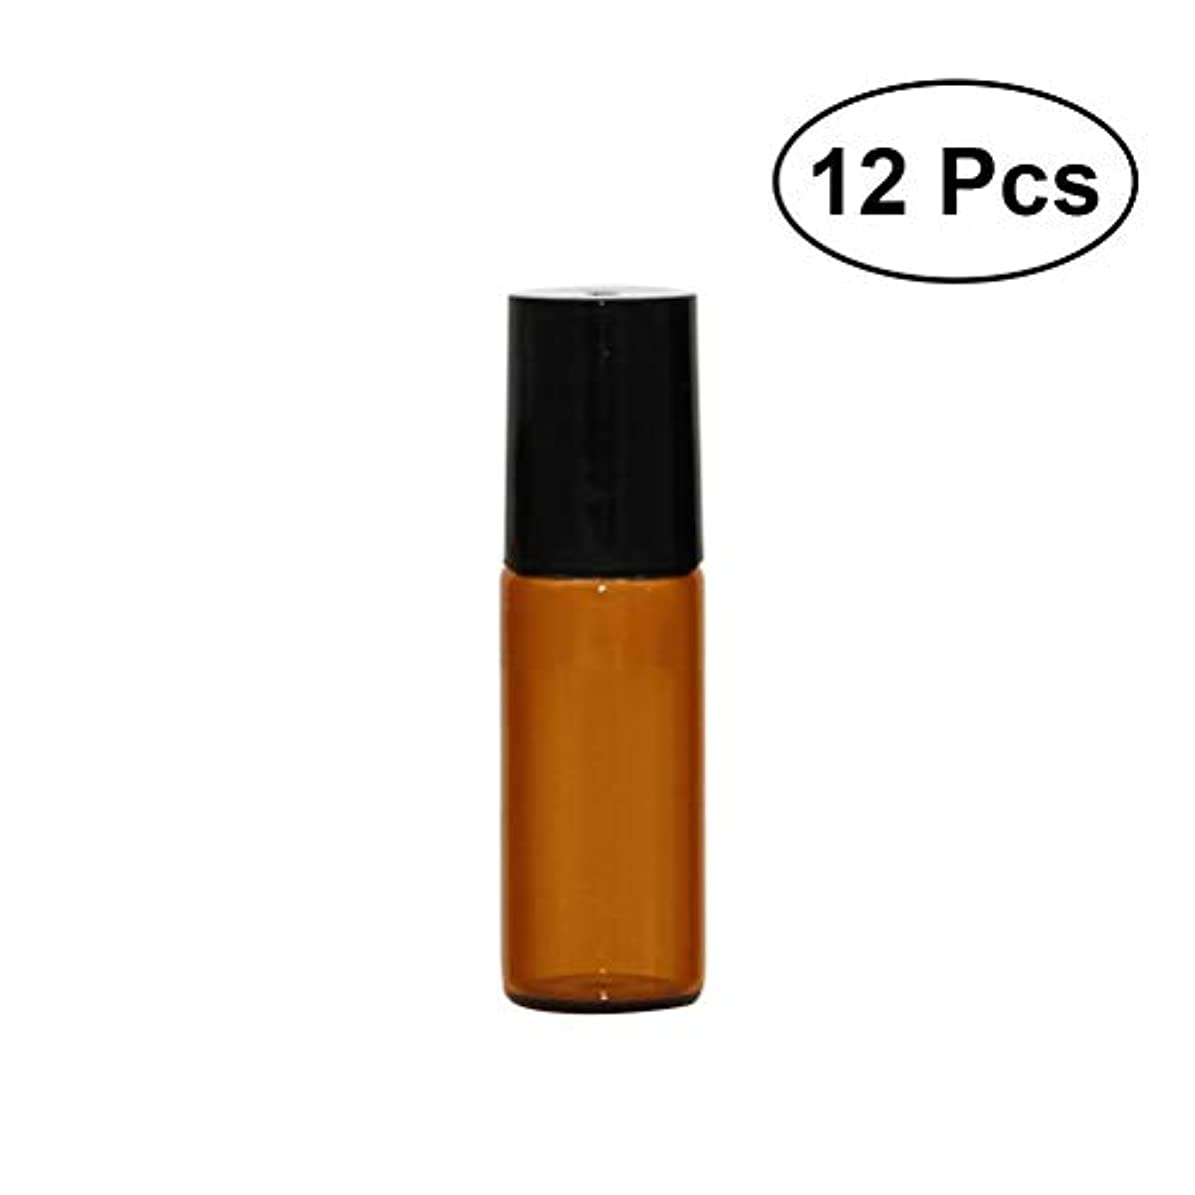 ペイント出くわすフェロー諸島12本セット 5ml ローオンボトル イプ 茶色 香水 精油 遮光瓶 ガラスロールタ小分け用 アロマボトル 保存容器